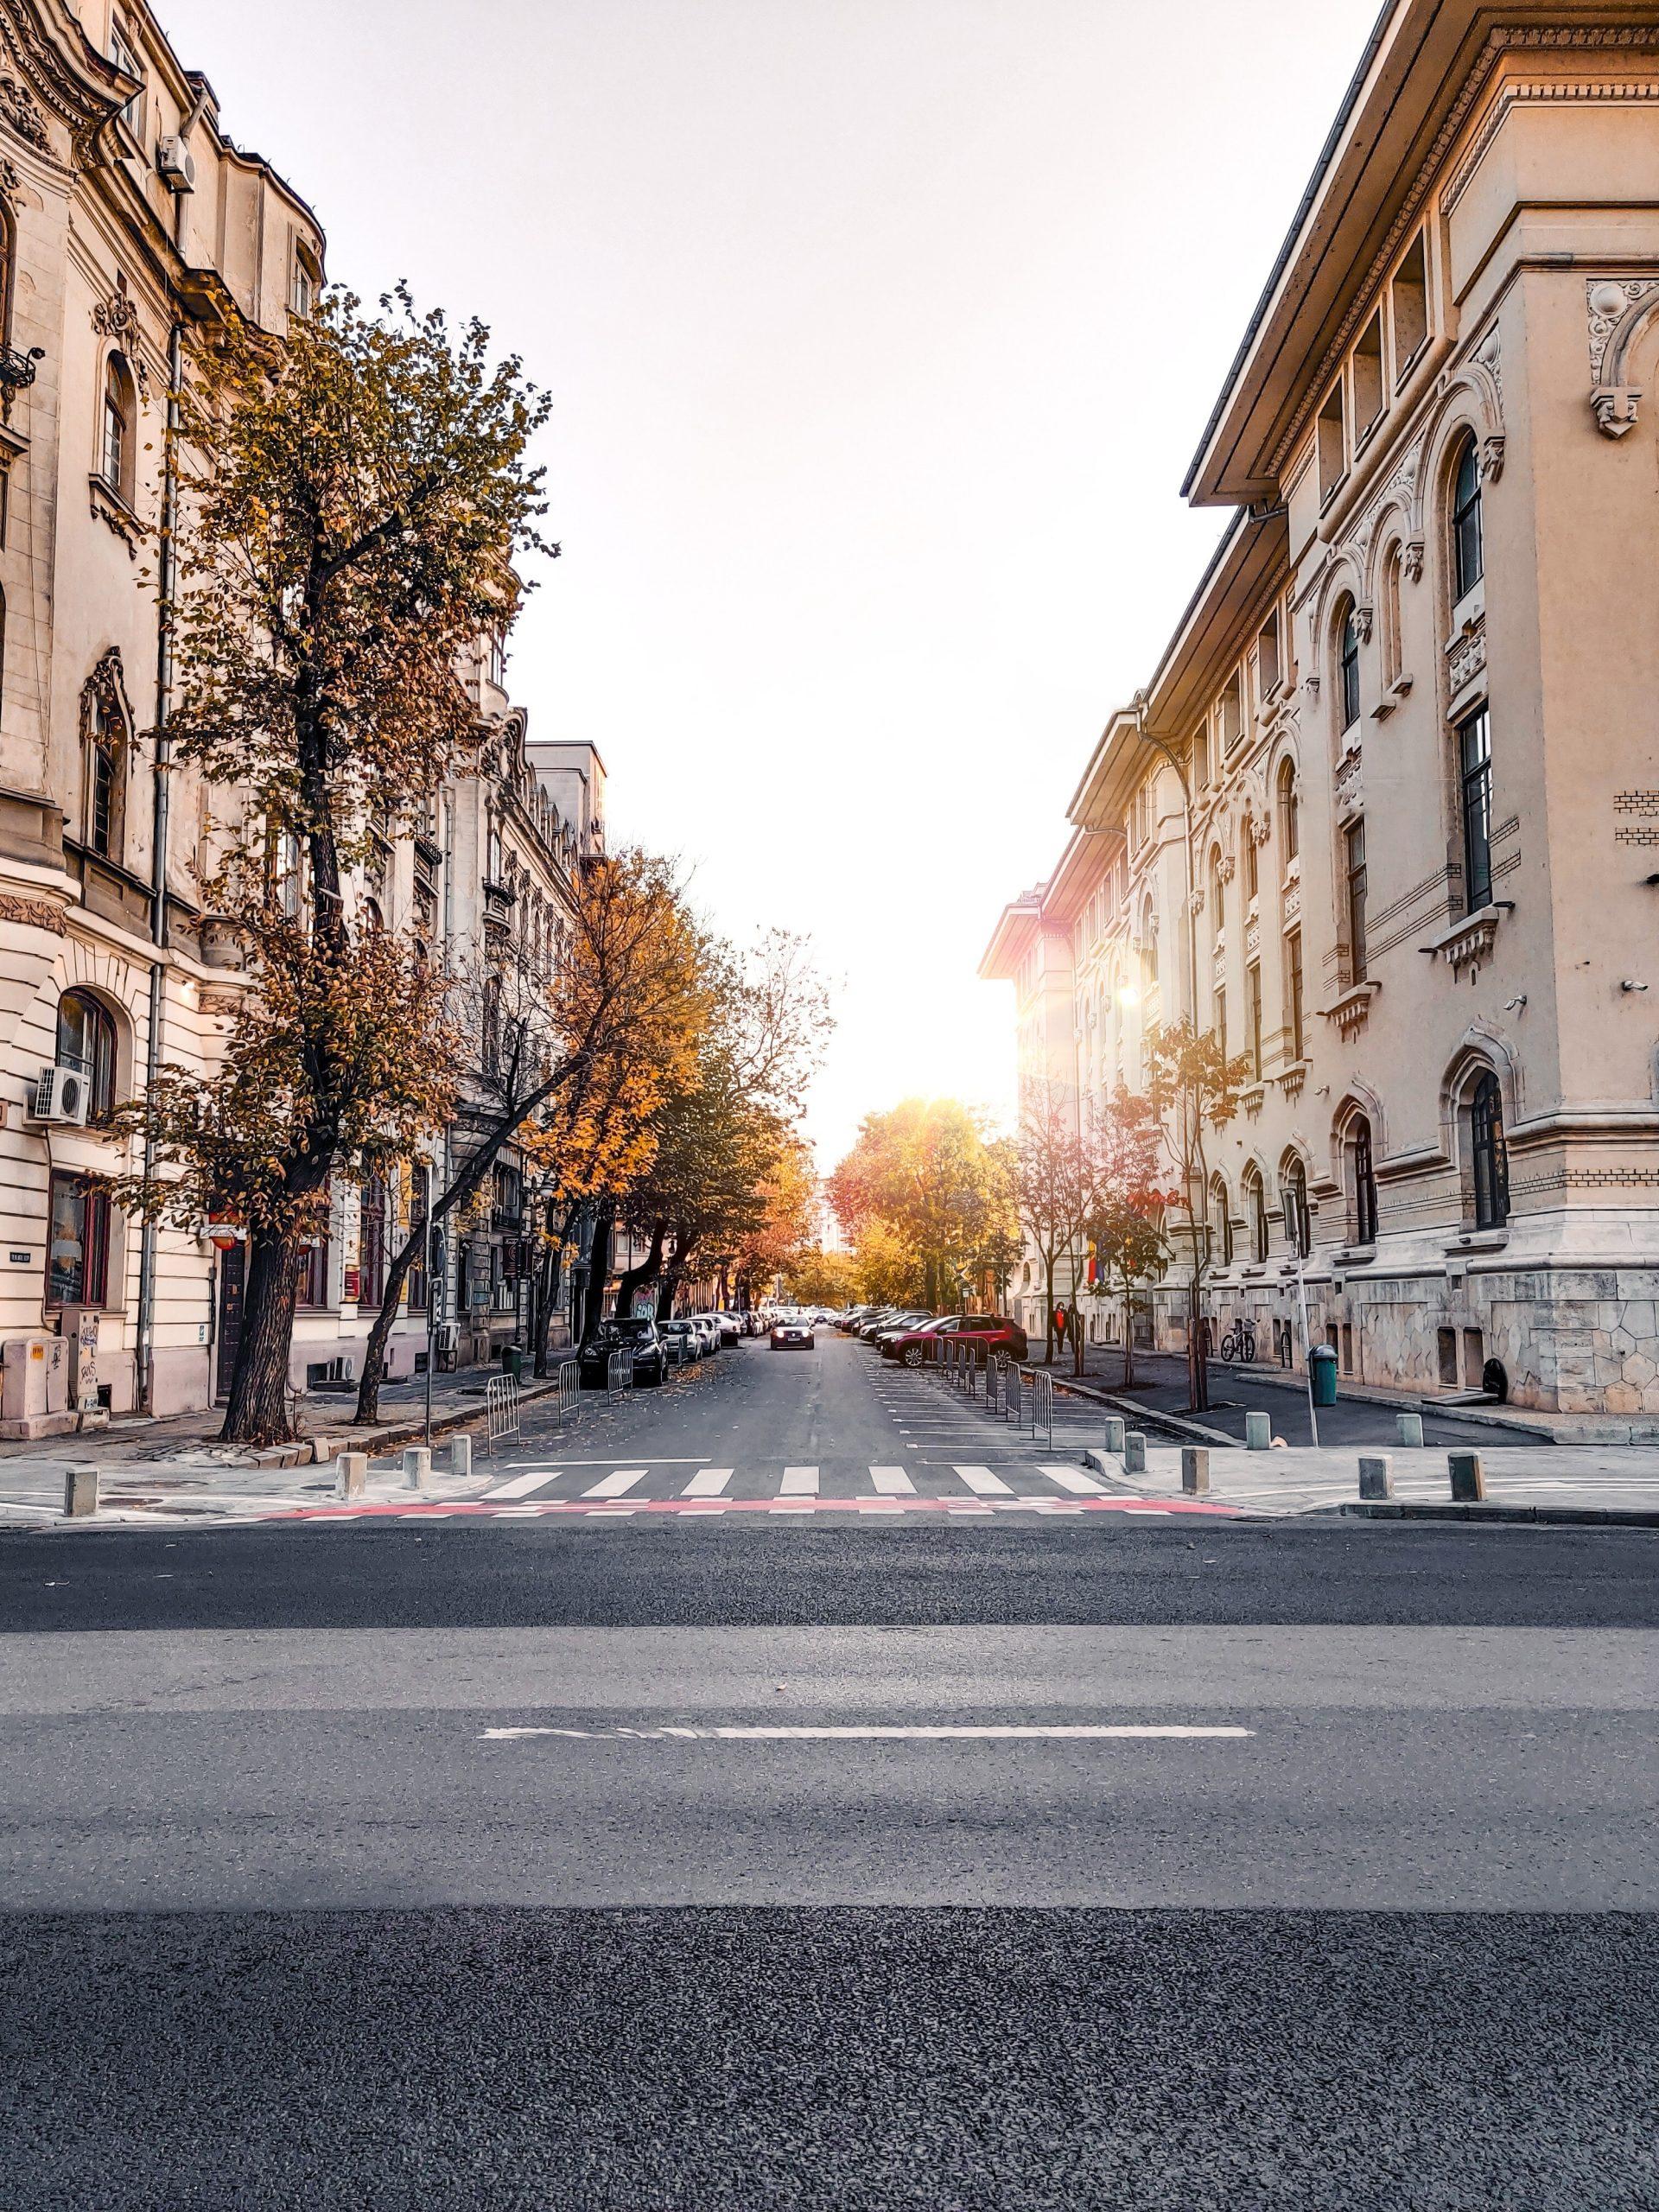 EXCLUSIV | Subprefectul Capitalei, după ce rata de incidență a sărit de 2/1.000 în București: Pot fi măsuri suplimentare. Așteptăm propunerile DSP